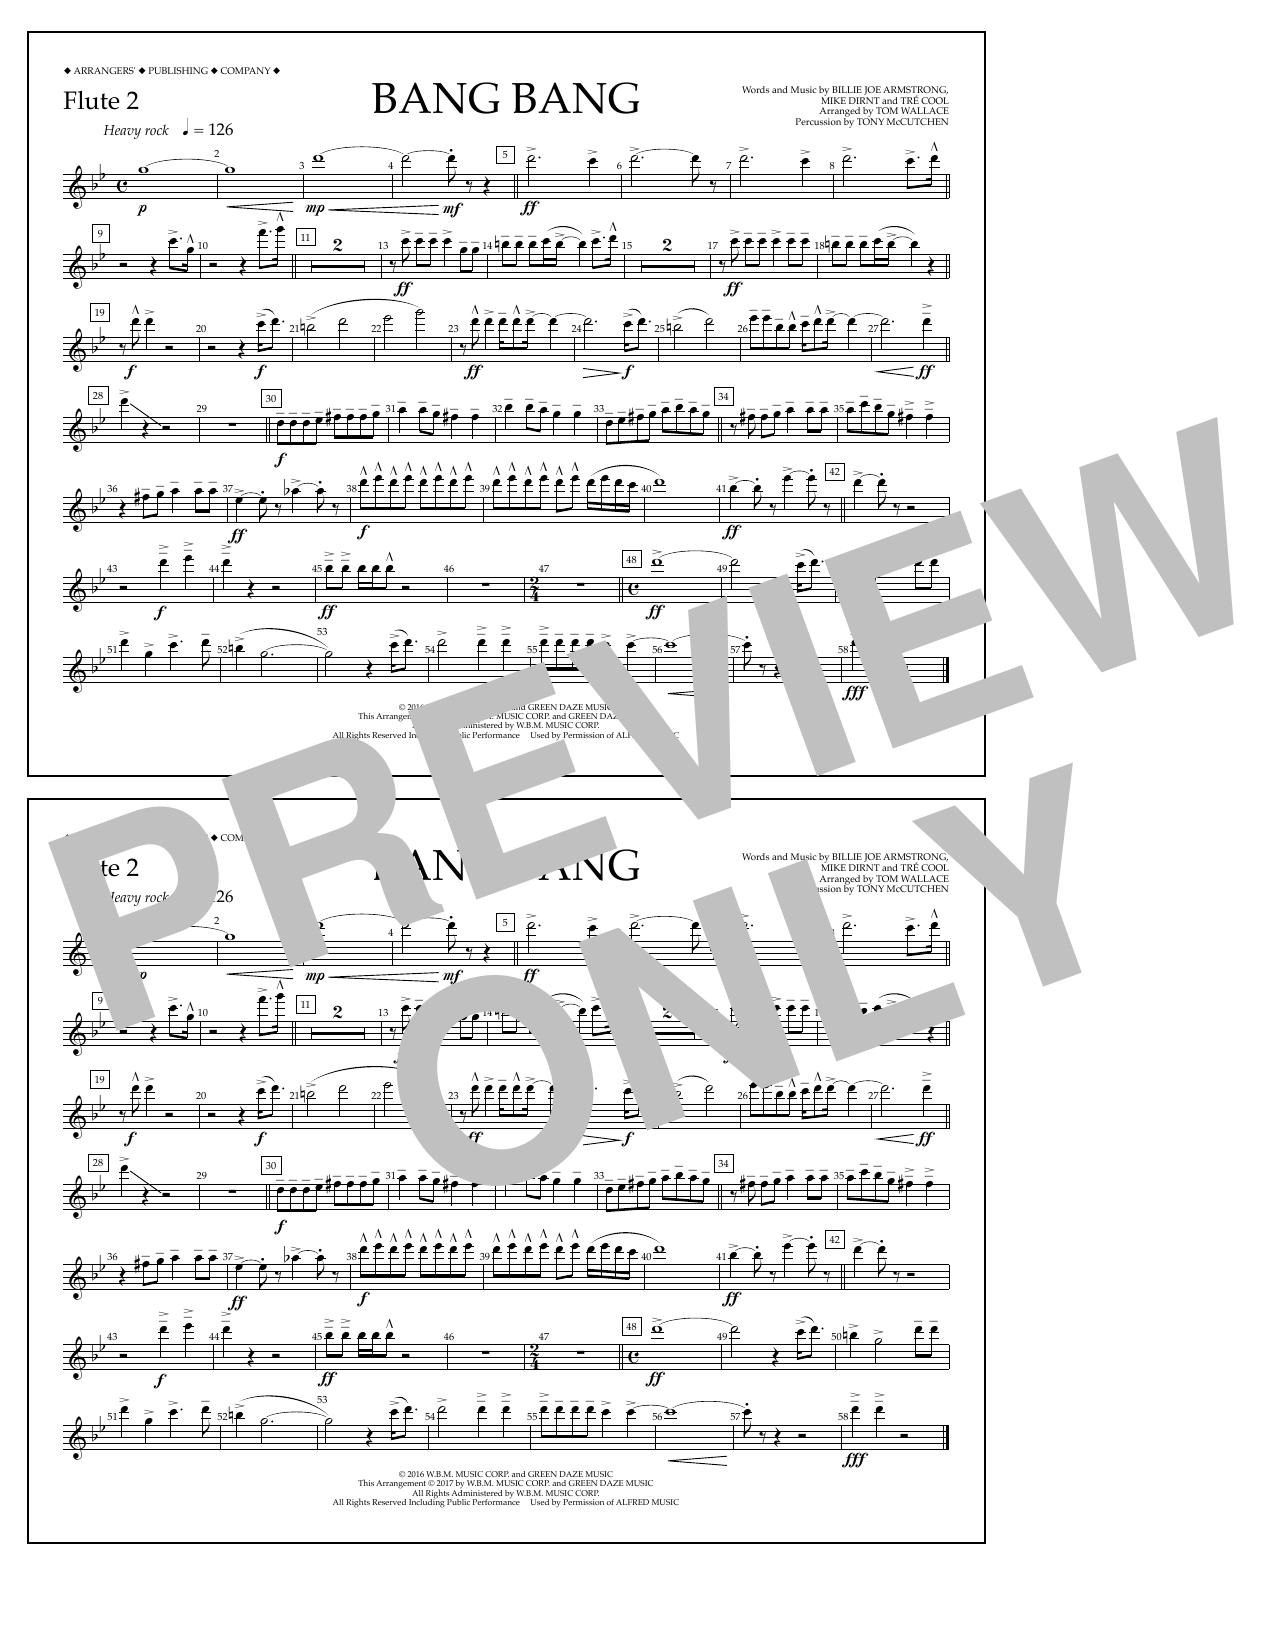 Bang Bang - Flute 2 Sheet Music